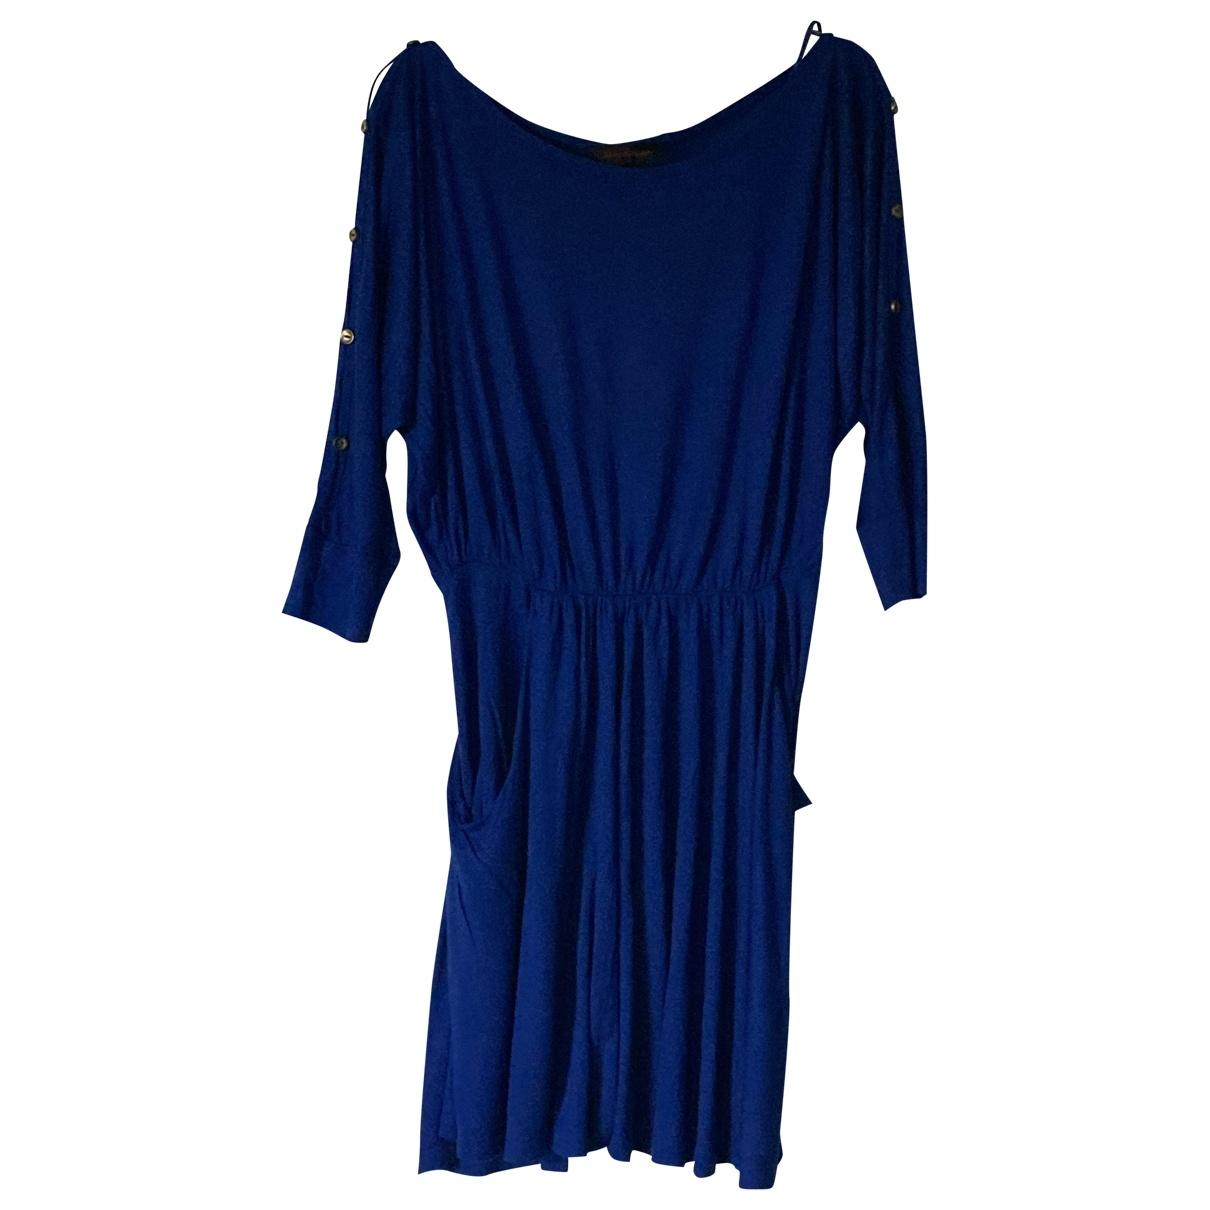 Miss Selfridge \N Kleid in  Blau Baumwolle - Elasthan